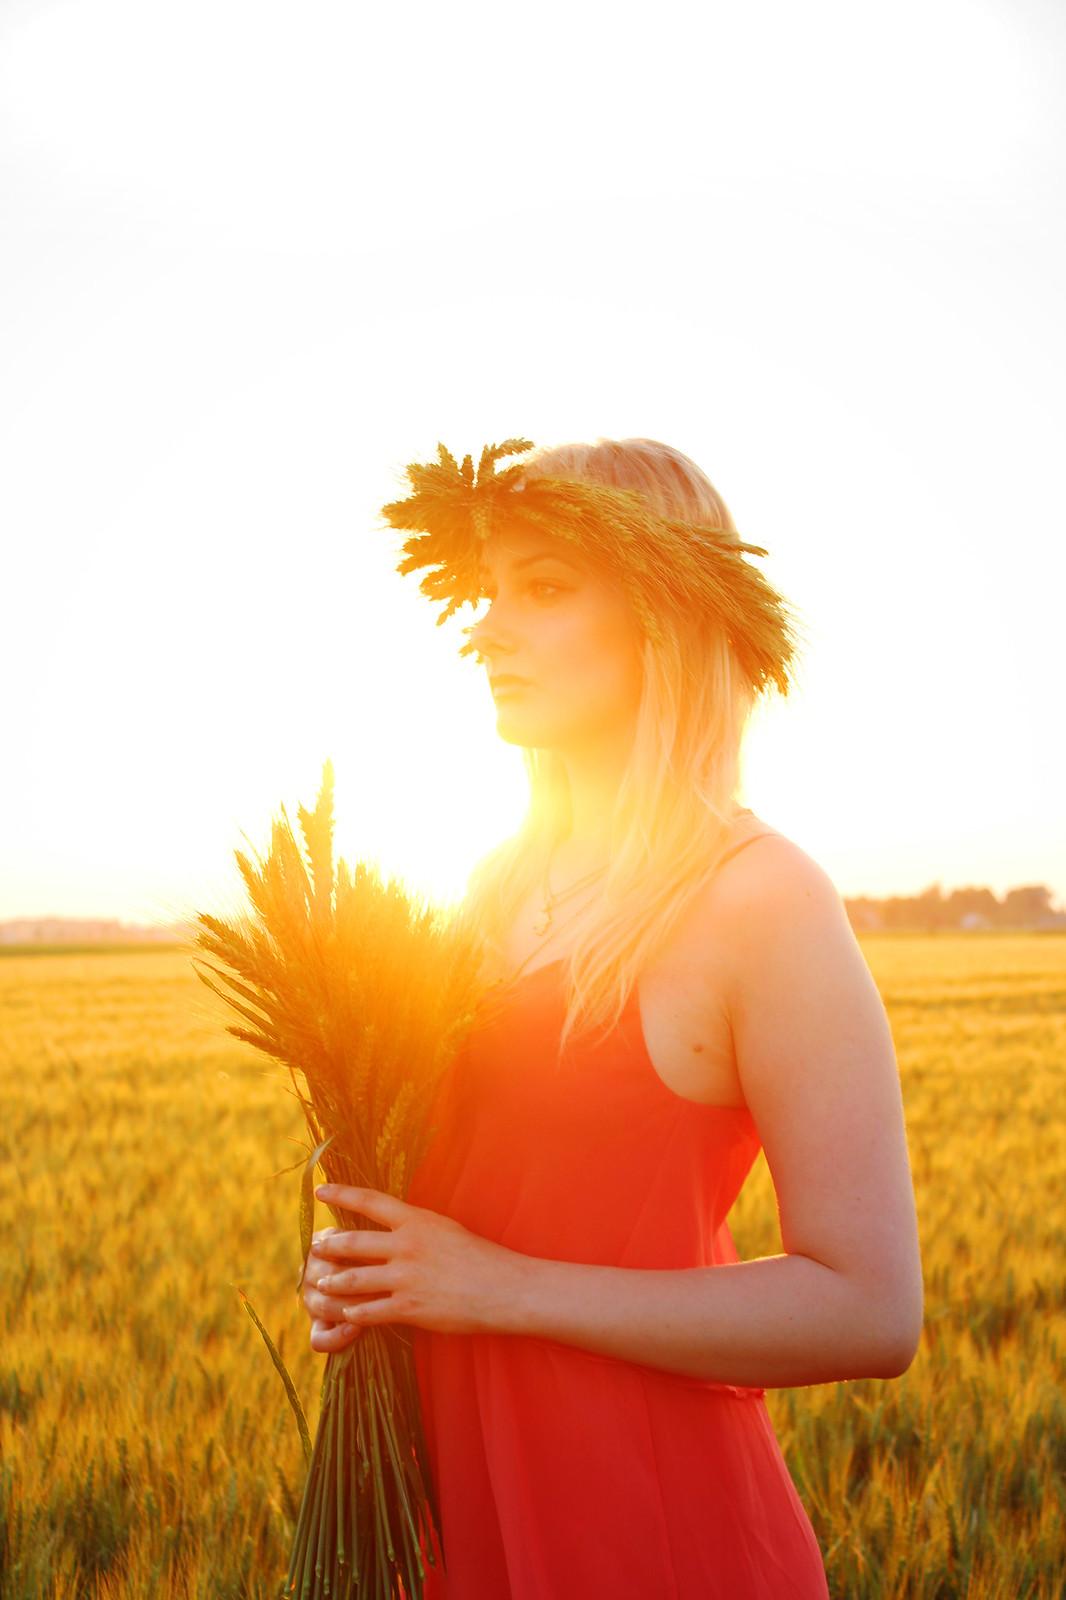 Golden hour photo shoot